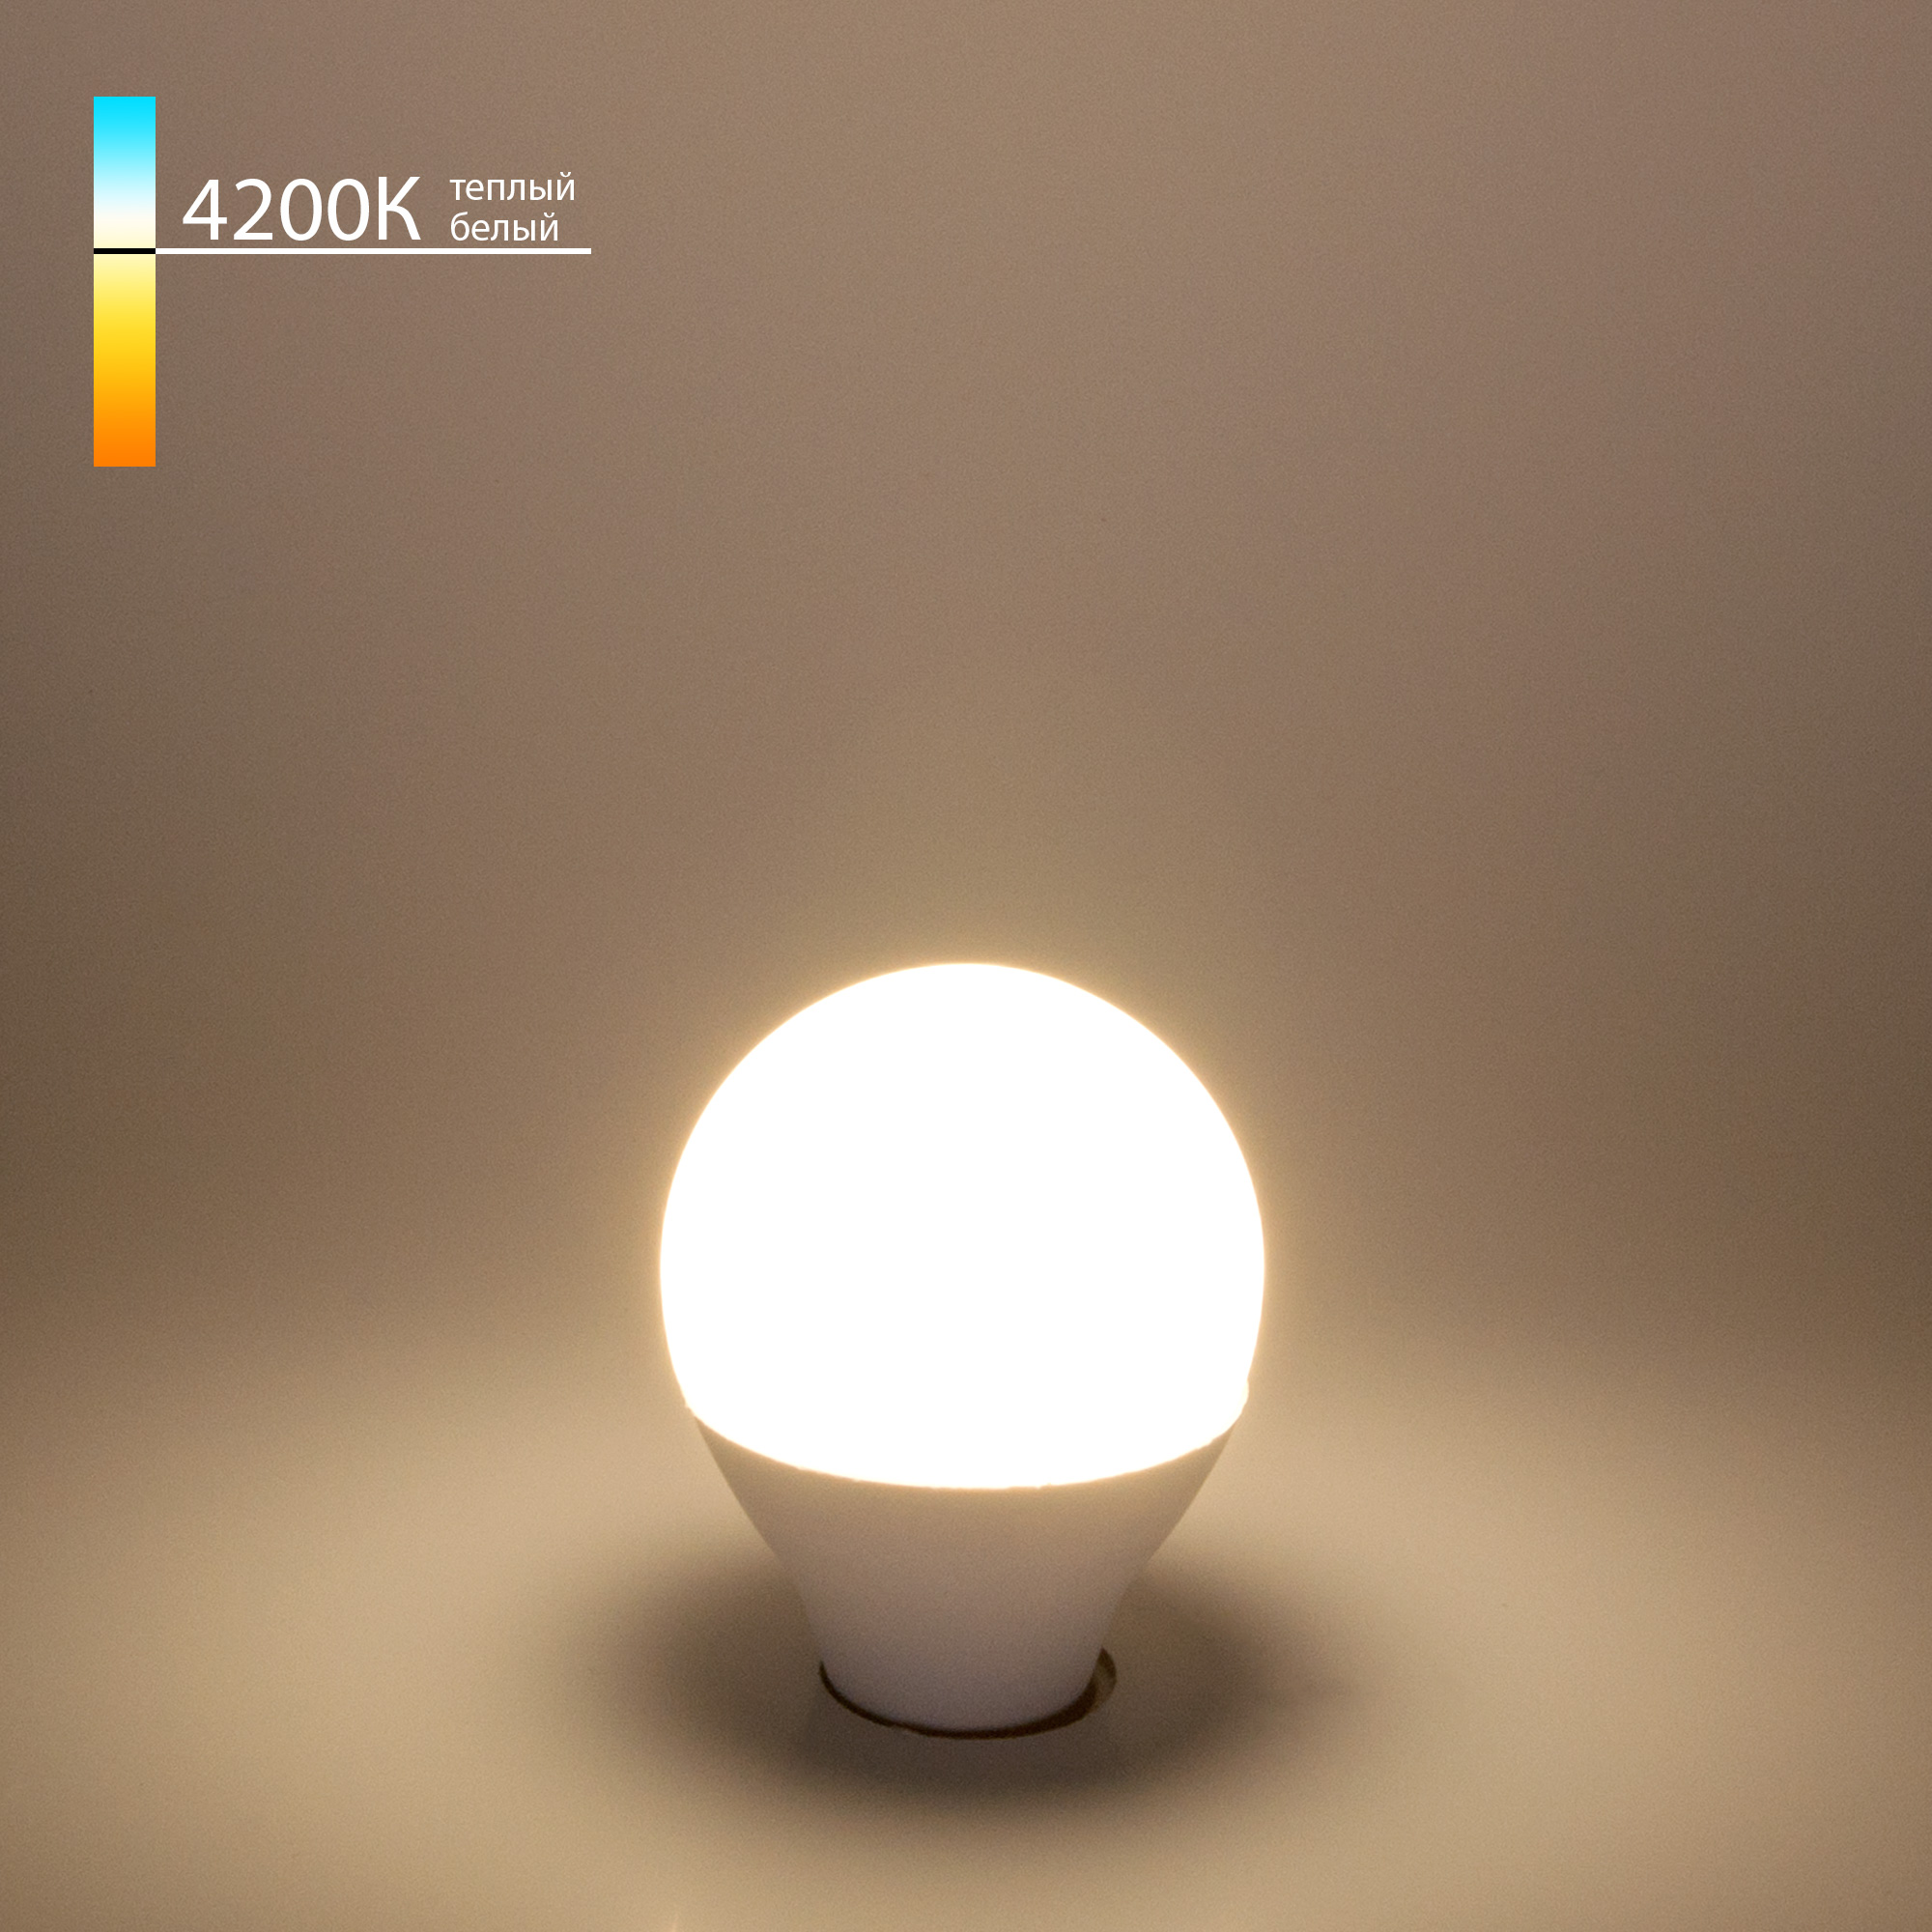 Светодиодная лампа Mini Classic LED 7W 4200K E14 матовое стекло